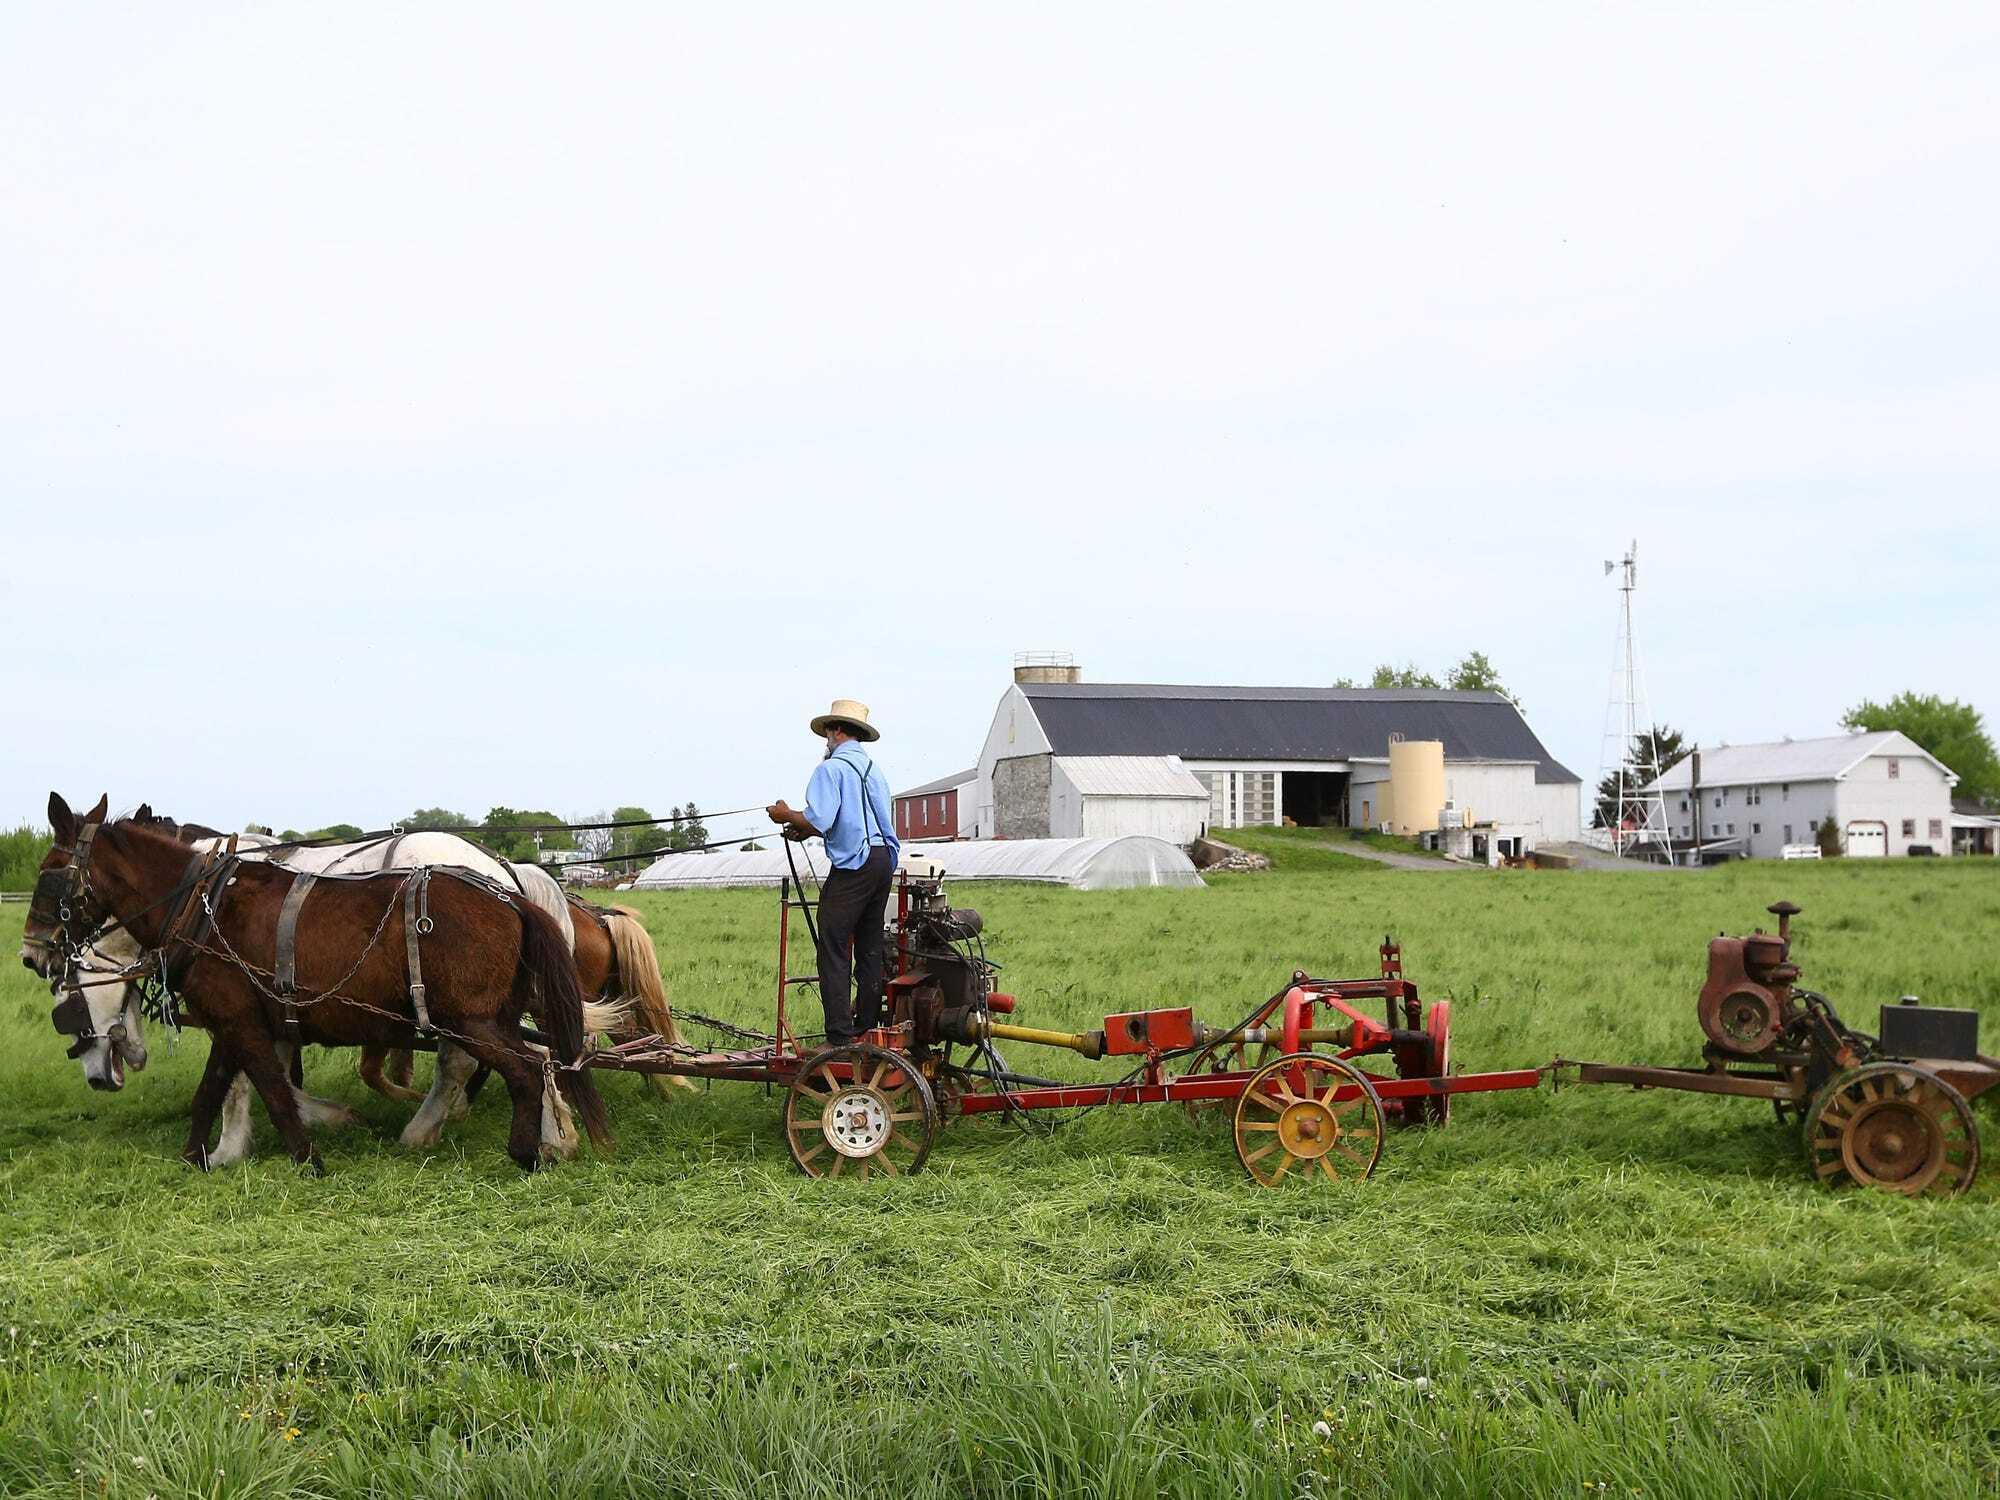 Tỷ lệ tiêm vắc xin COVID-19 ở cộng đồng người Amish thuộc nhóm thấp nhất tại Mỹ - Ảnh: Volkan Furuncu/Anadolu Agency/Getty Images